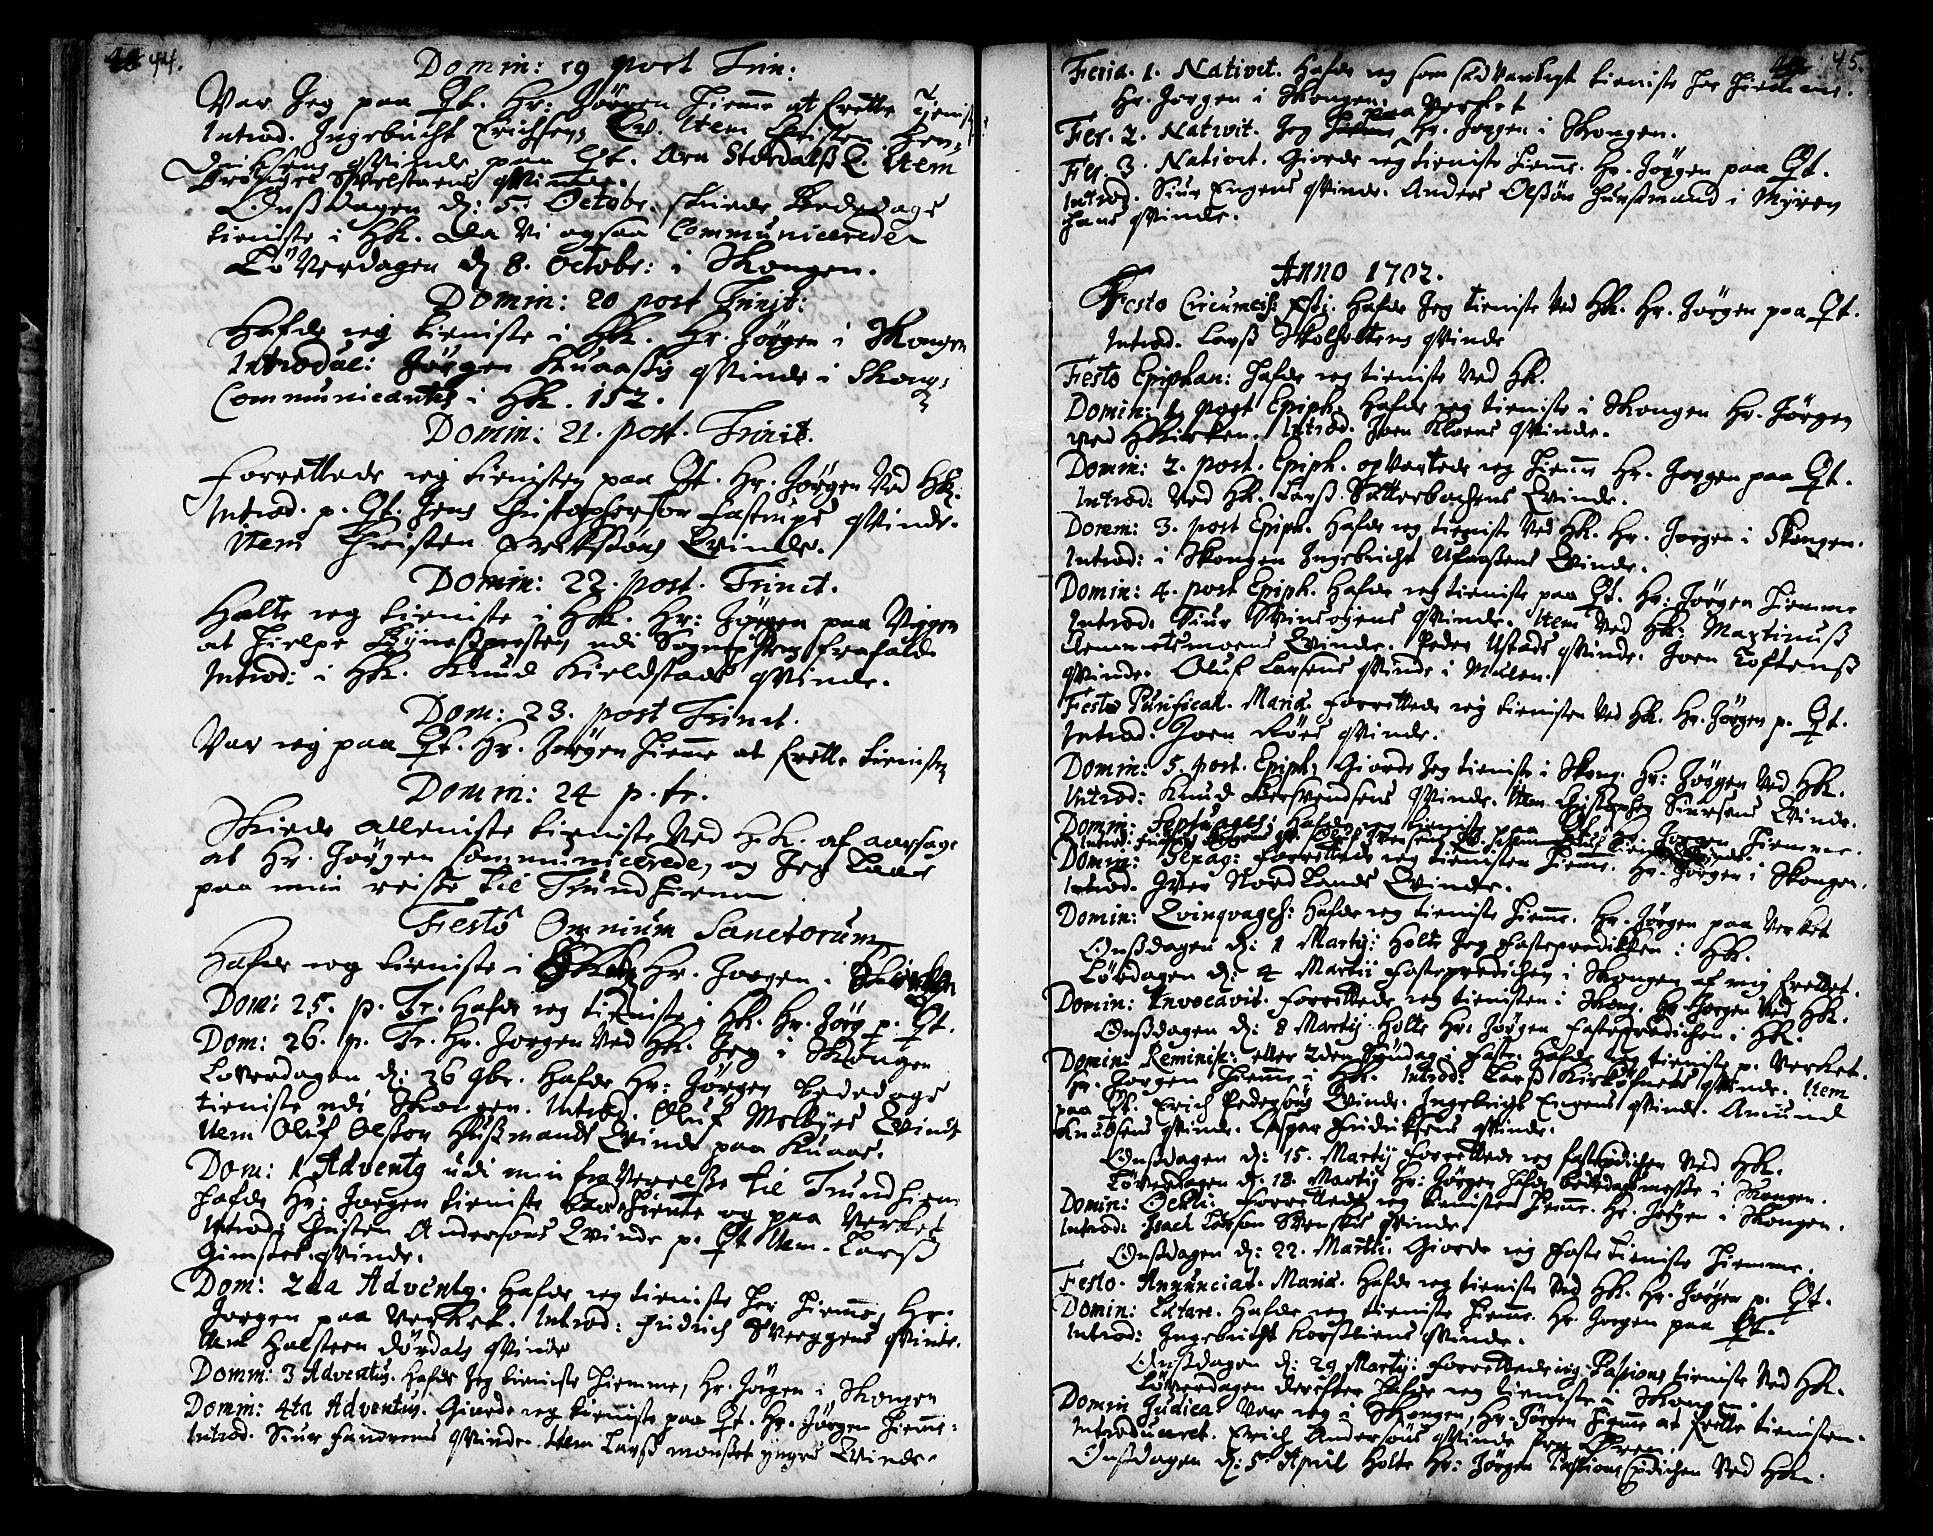 SAT, Ministerialprotokoller, klokkerbøker og fødselsregistre - Sør-Trøndelag, 668/L0801: Ministerialbok nr. 668A01, 1695-1716, s. 44-45